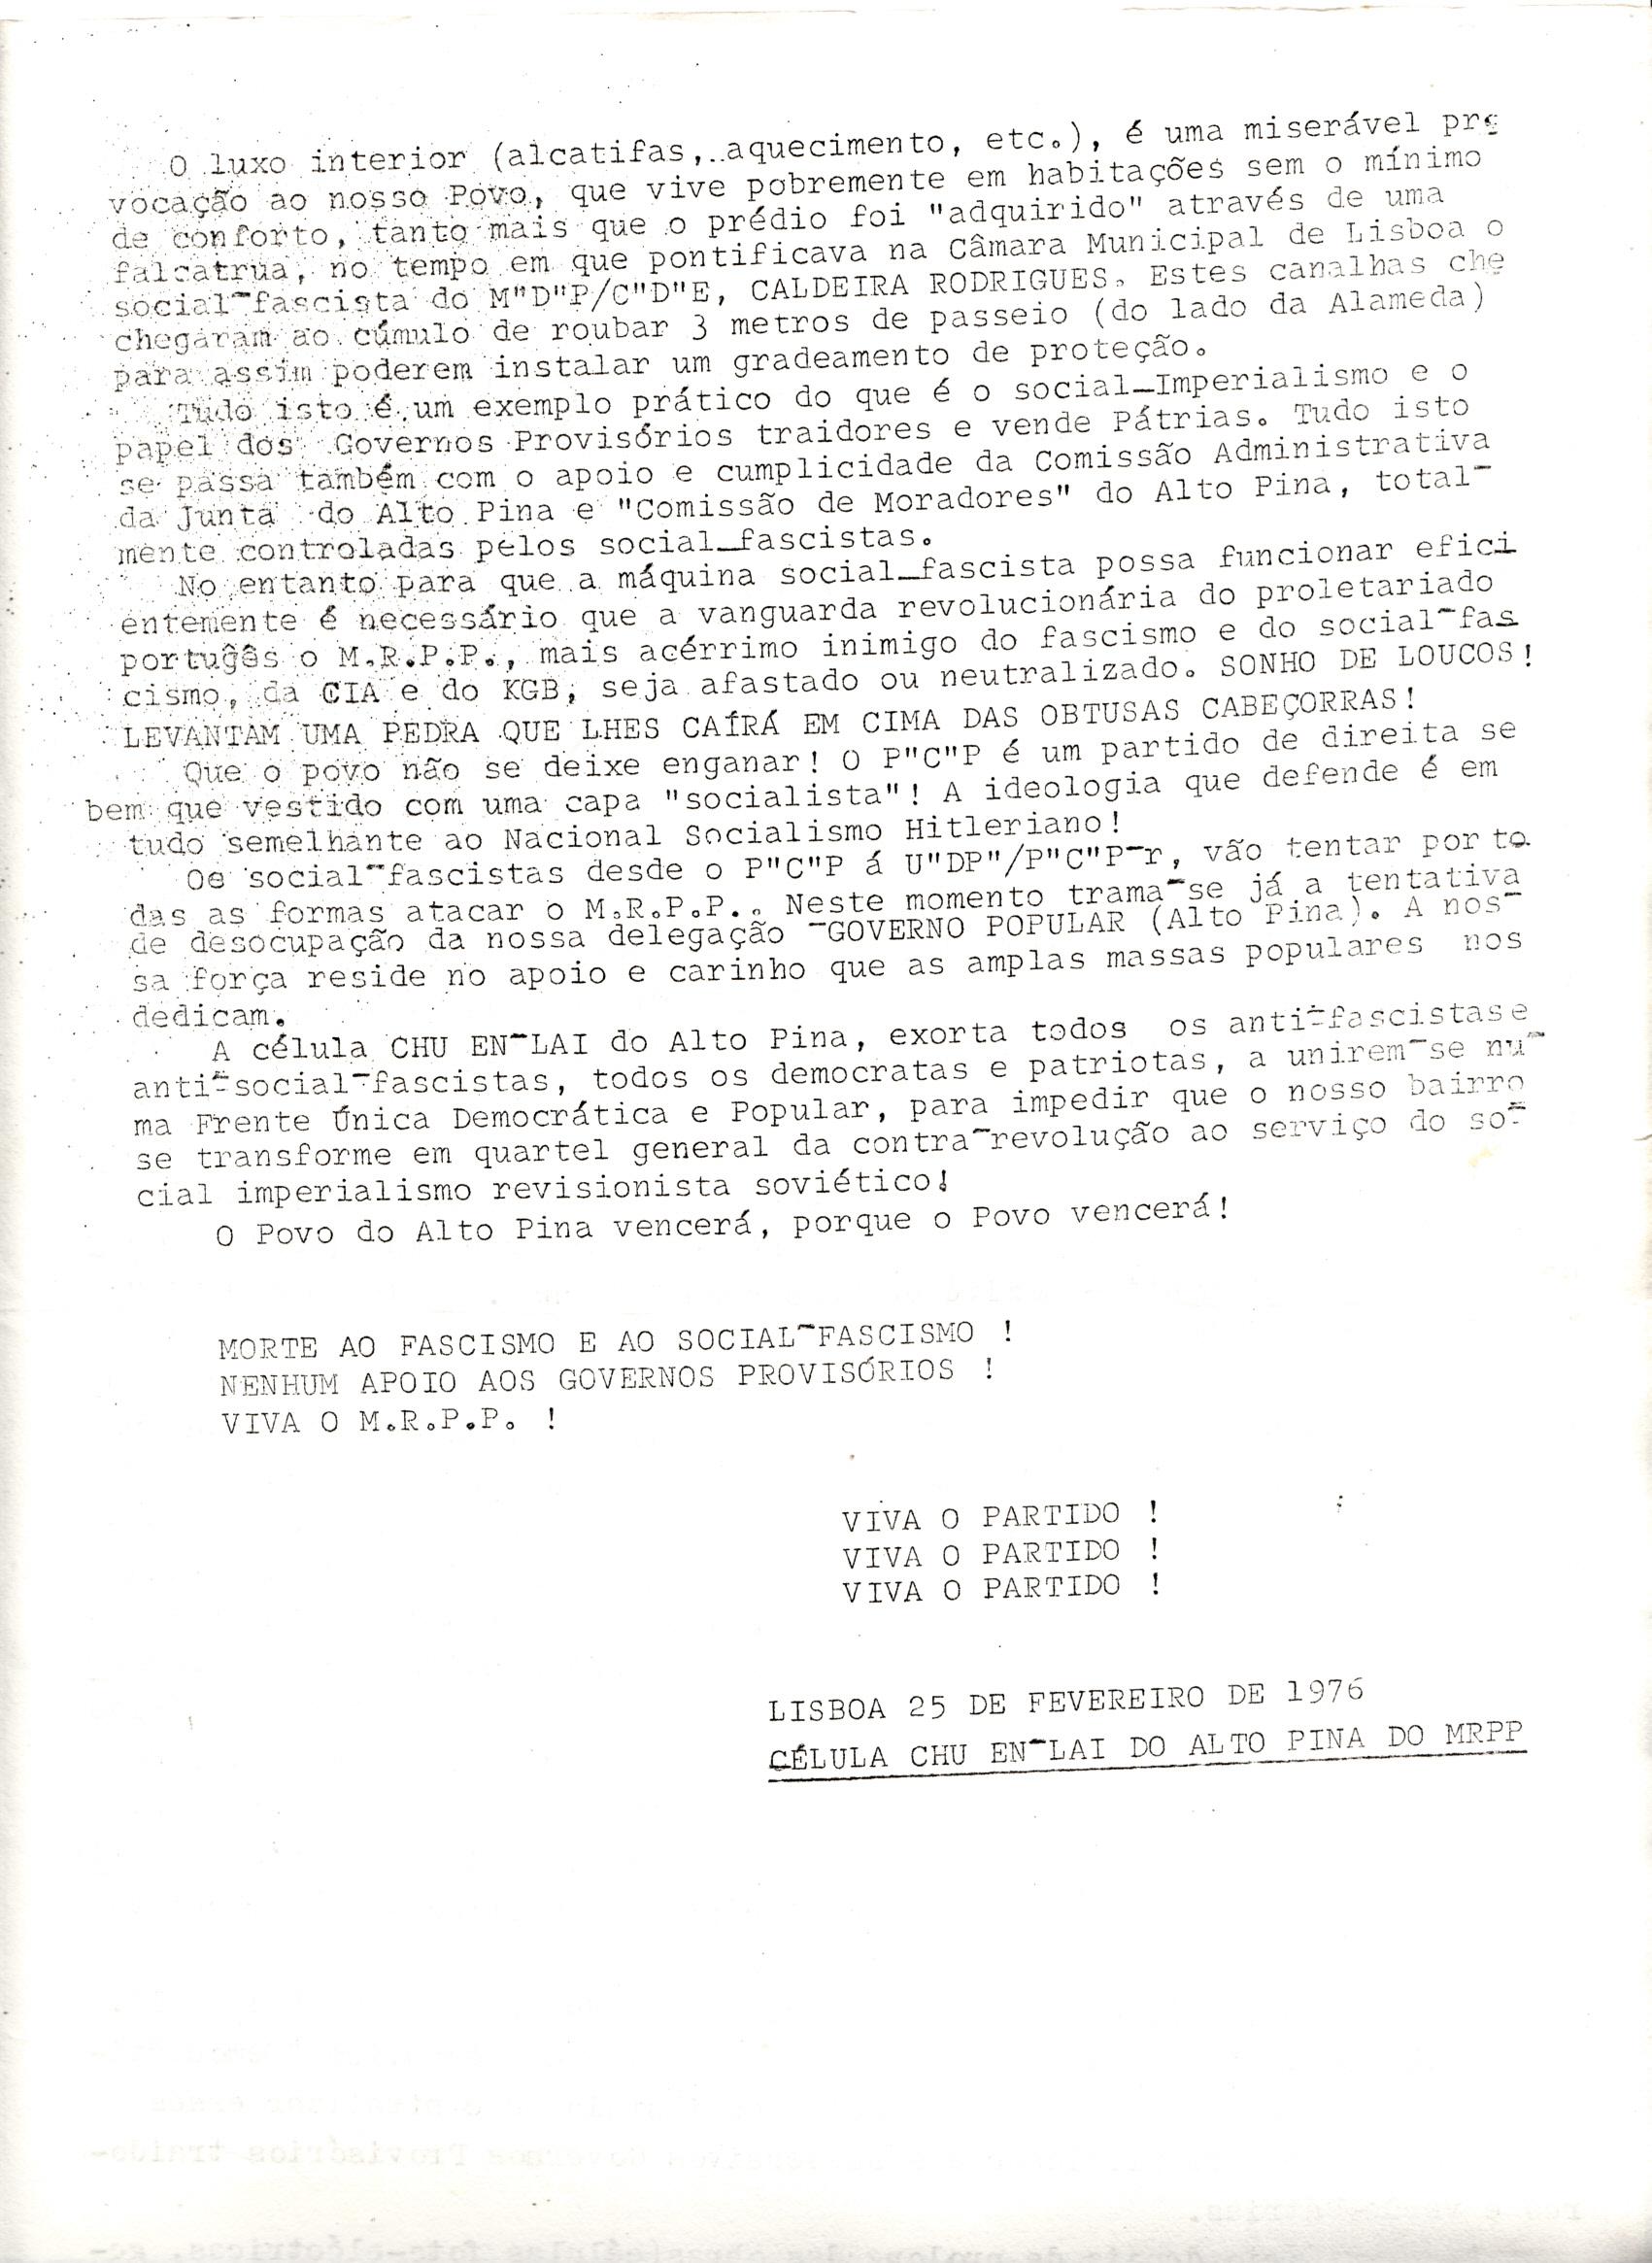 MRPP_1976_02_25_0002